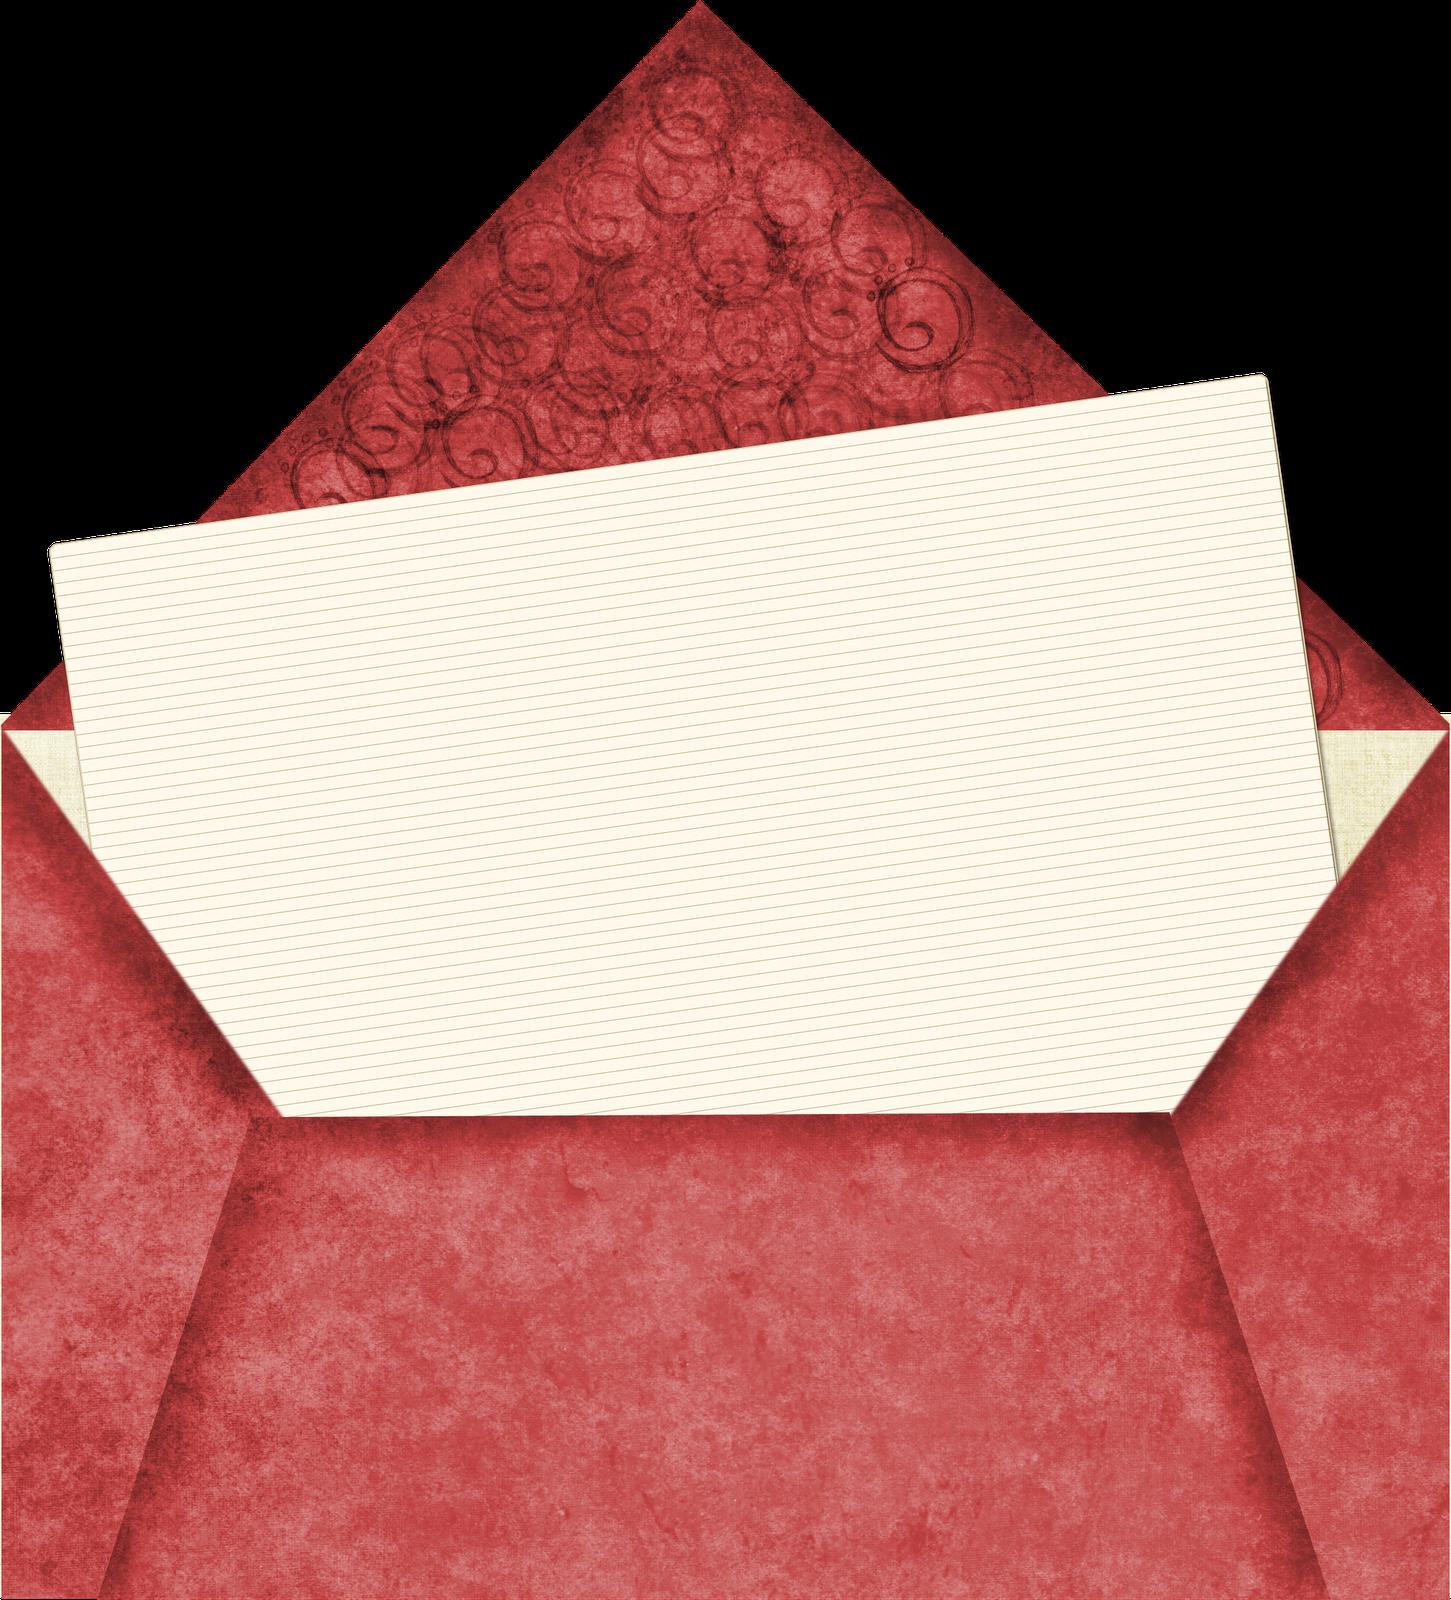 Envelope clipart invitation envelope. Abrir una carta es